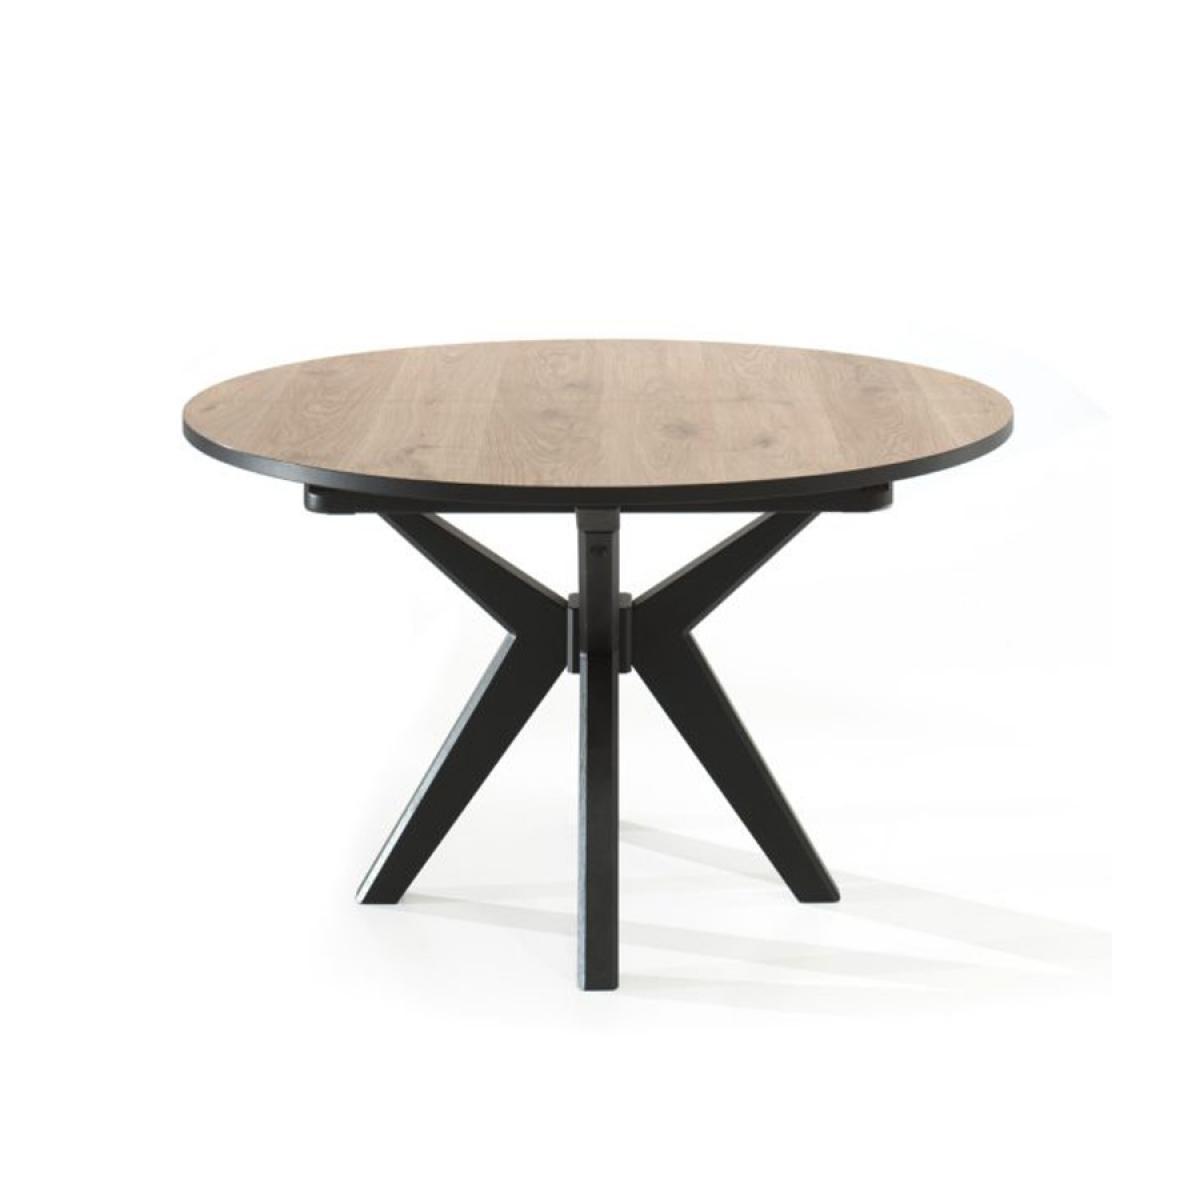 Nouvomeuble Table 130 cm ronde couleur chêne naturel ESTELLE